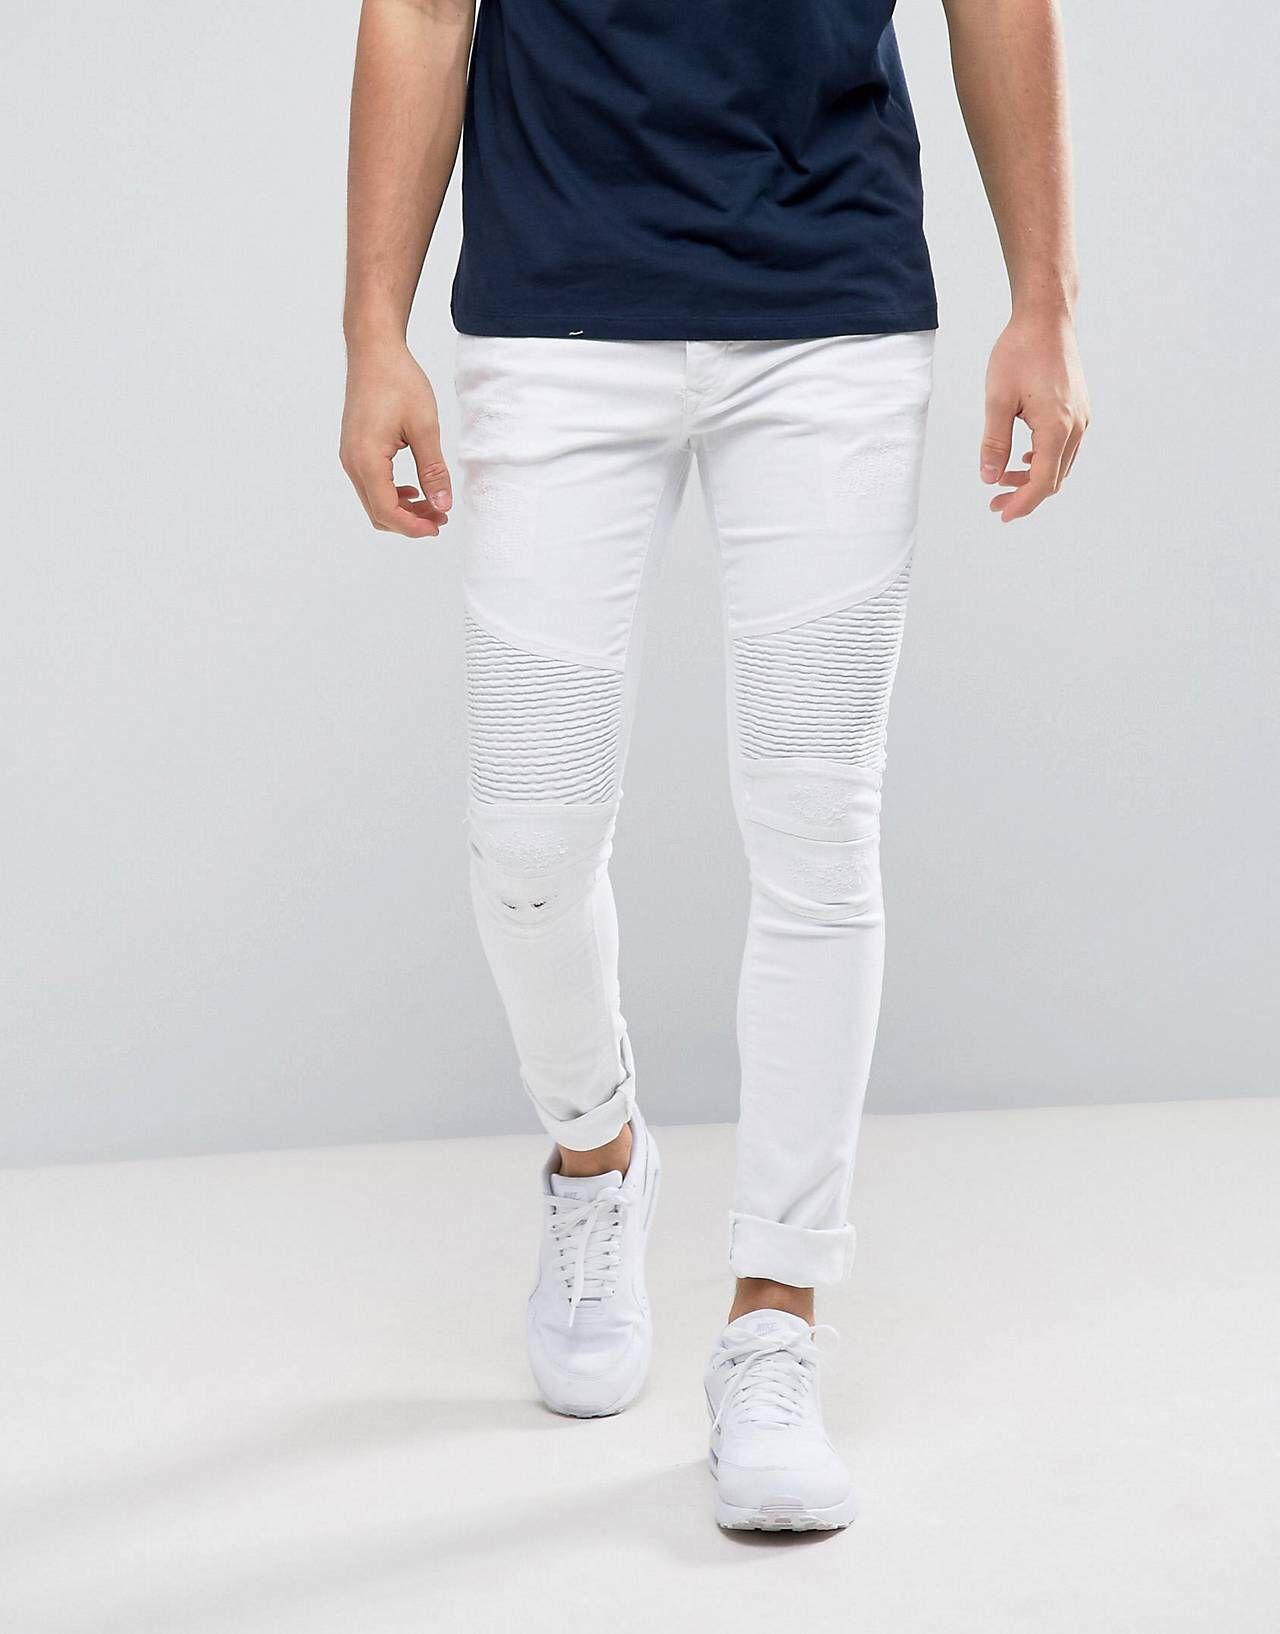 RI Biker Super Skinny White Jeans   Boys   White skinny